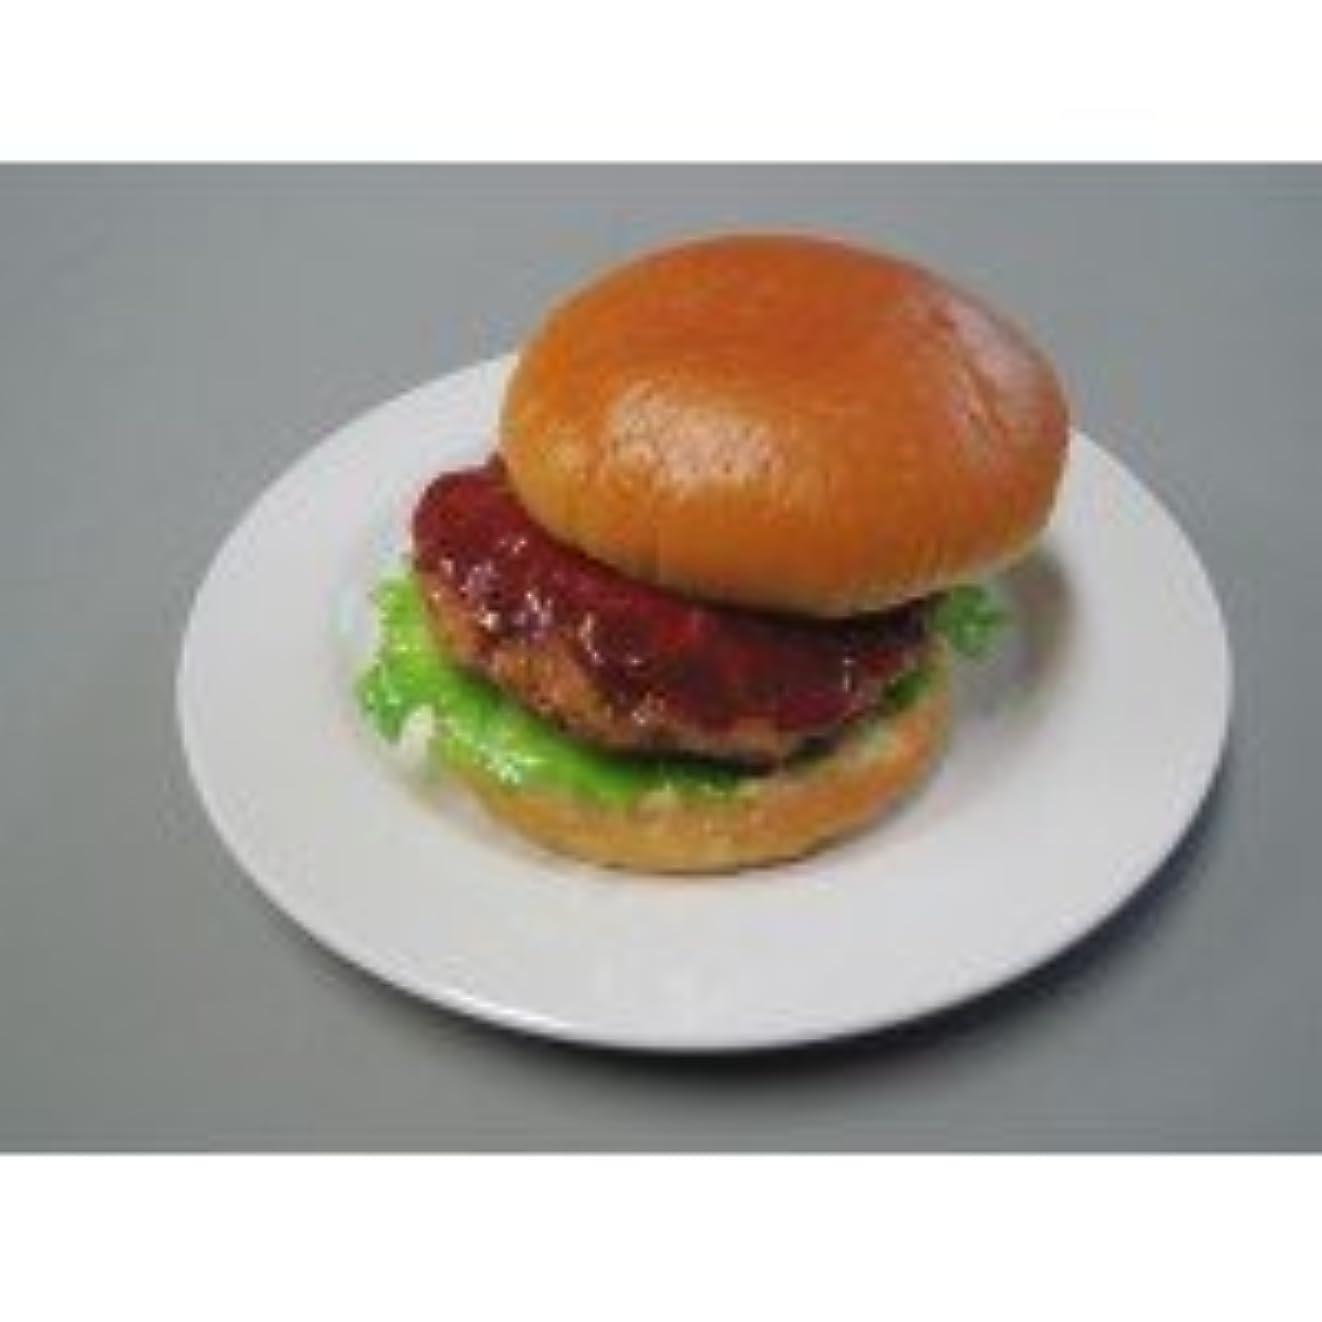 是正するマンハッタン収益日本職人が作る 食品サンプル ハンバーガー IP-198